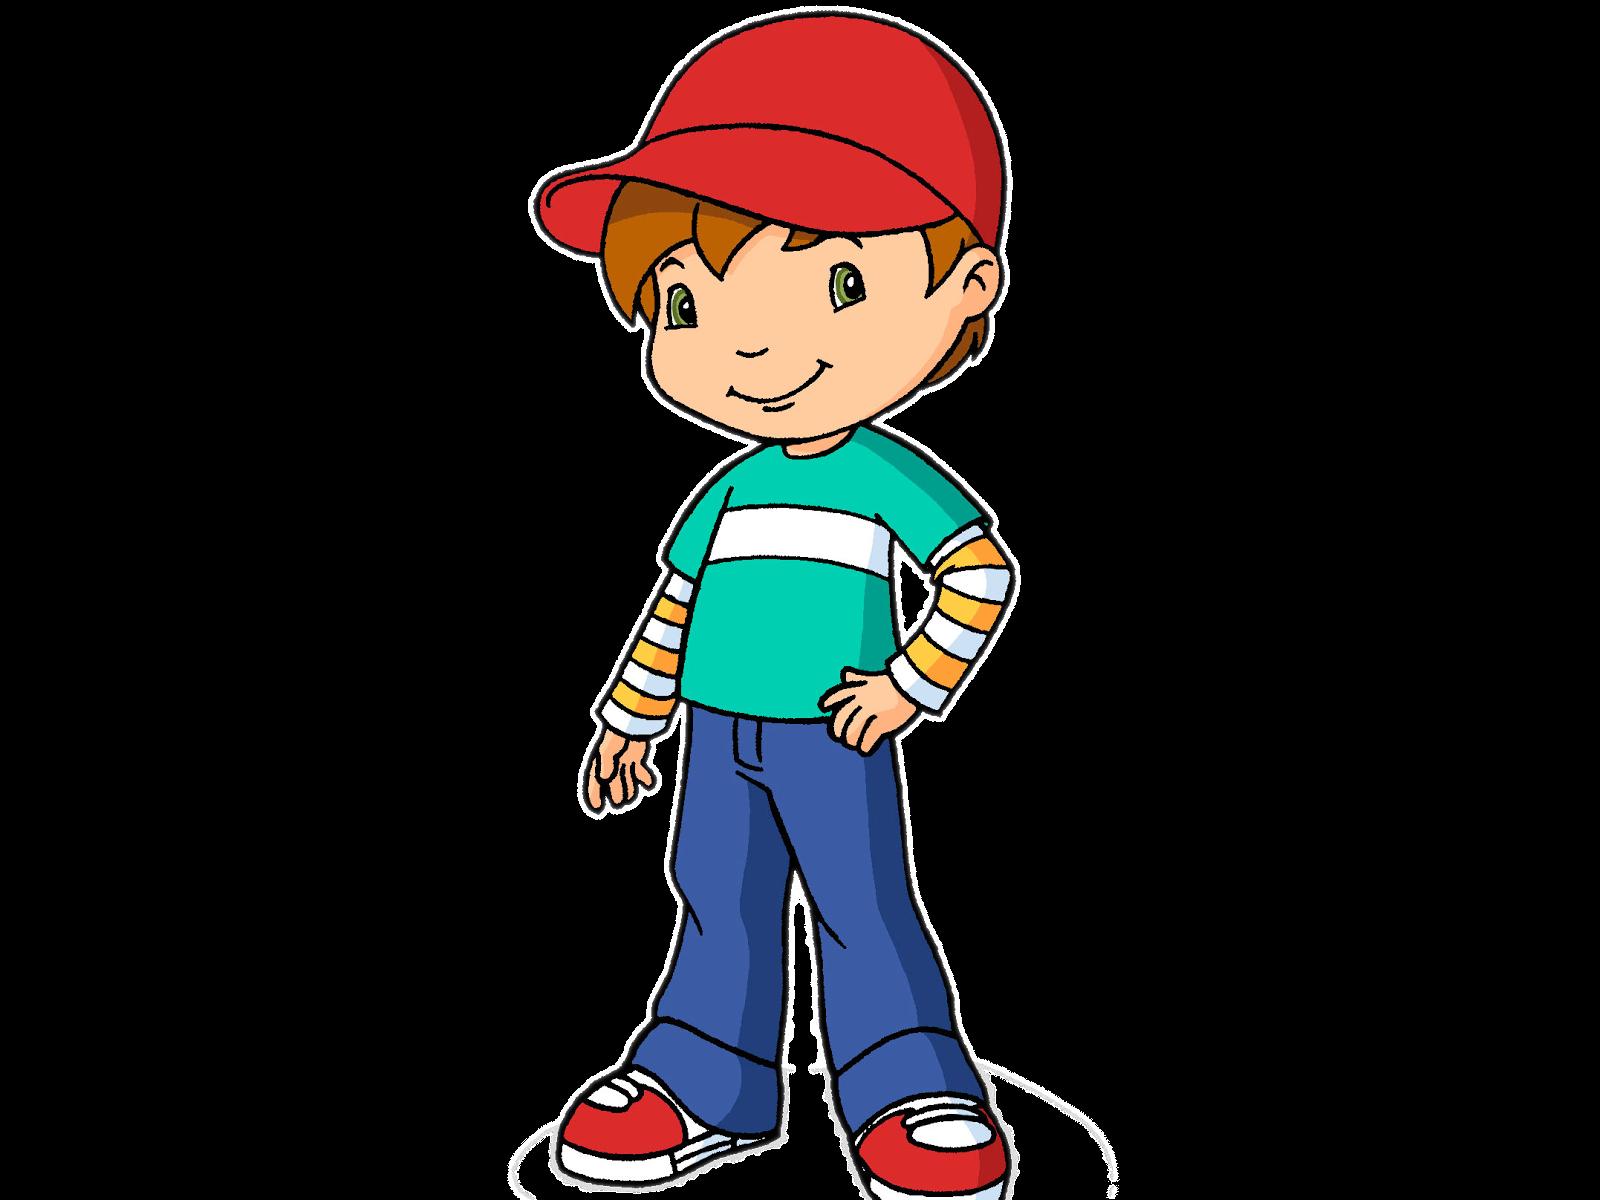 Shy clipart cartoon boy. Child resultado de imagem